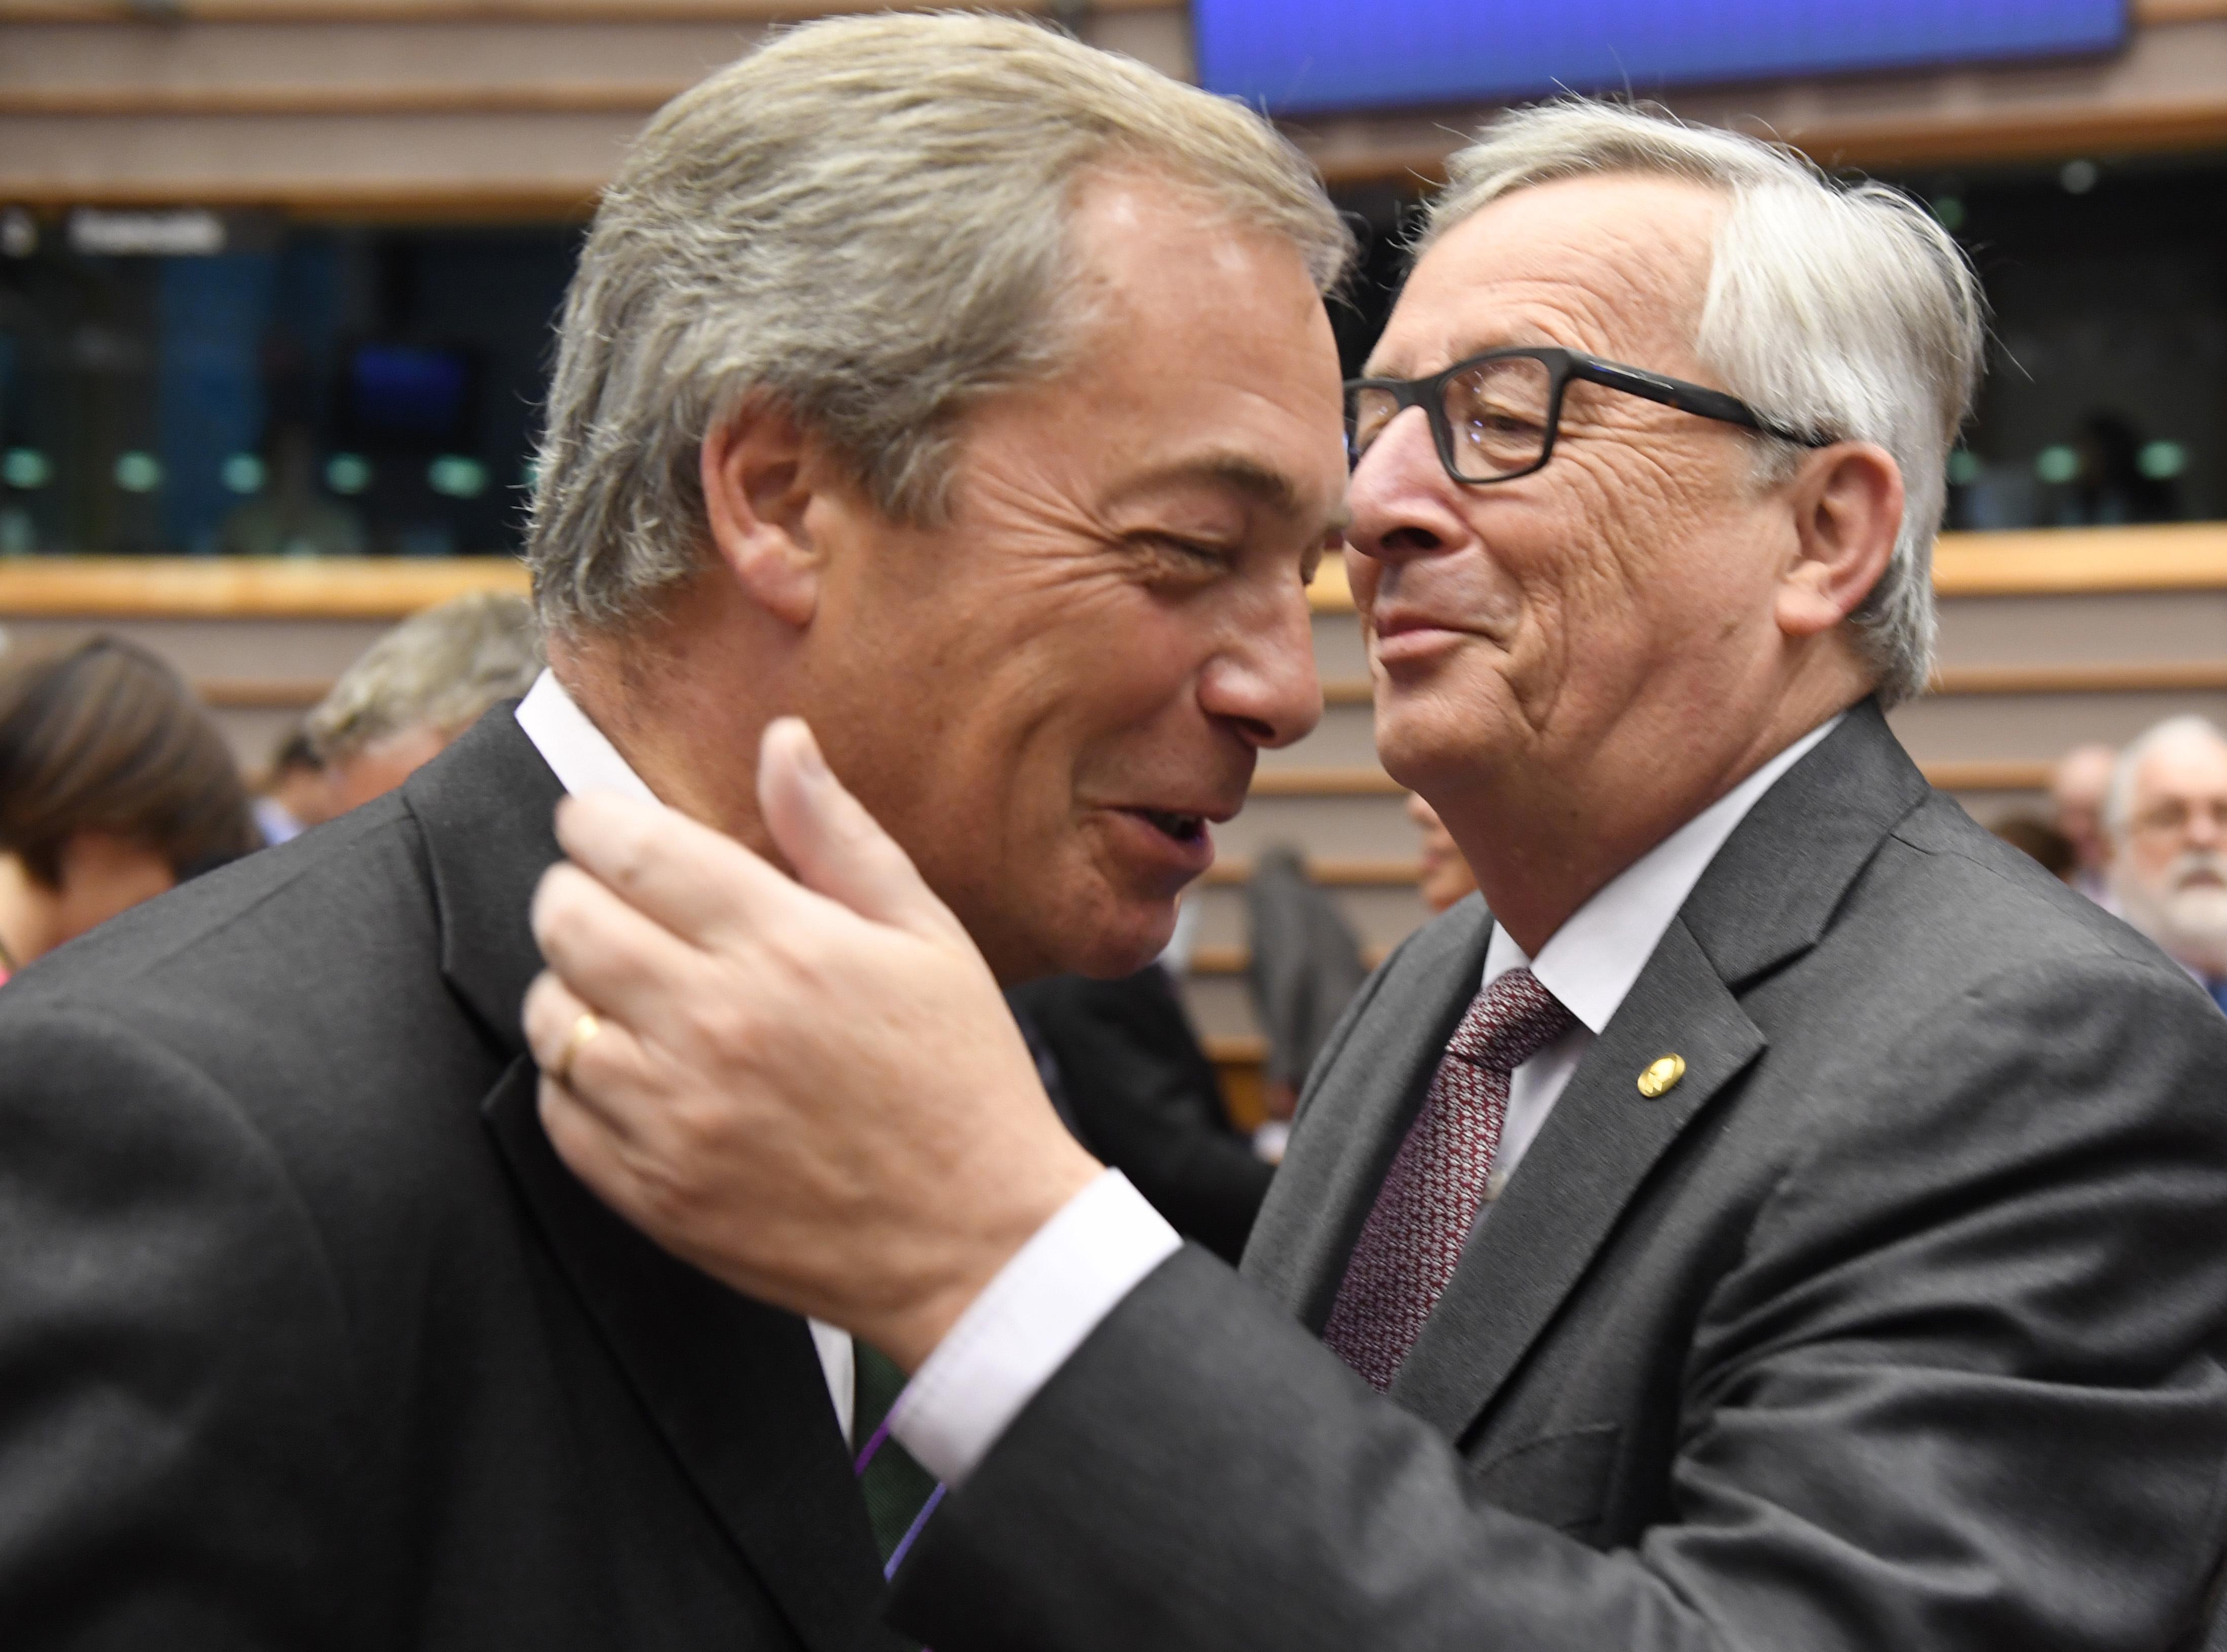 Lista neagra a presedintelui Comisiei Europene. Timp de 30 de ani, a trecut intr-o agenda numele persoanelor care l-au tradat